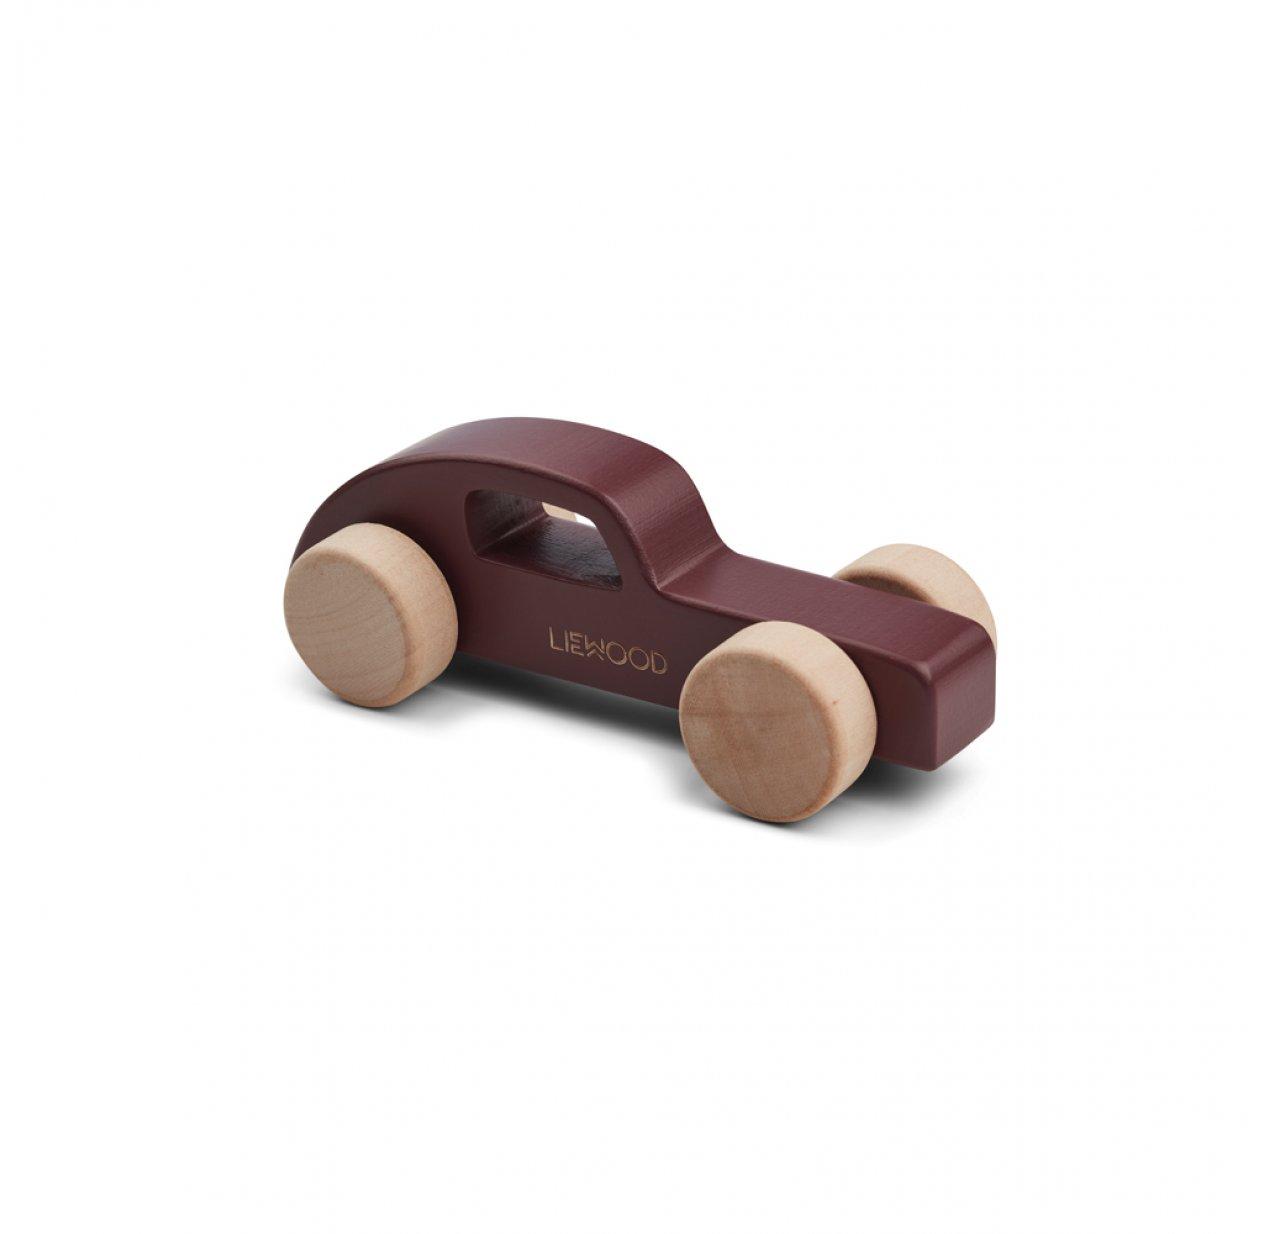 jouet en bois voiture elena bordeaux liewood pour. Black Bedroom Furniture Sets. Home Design Ideas